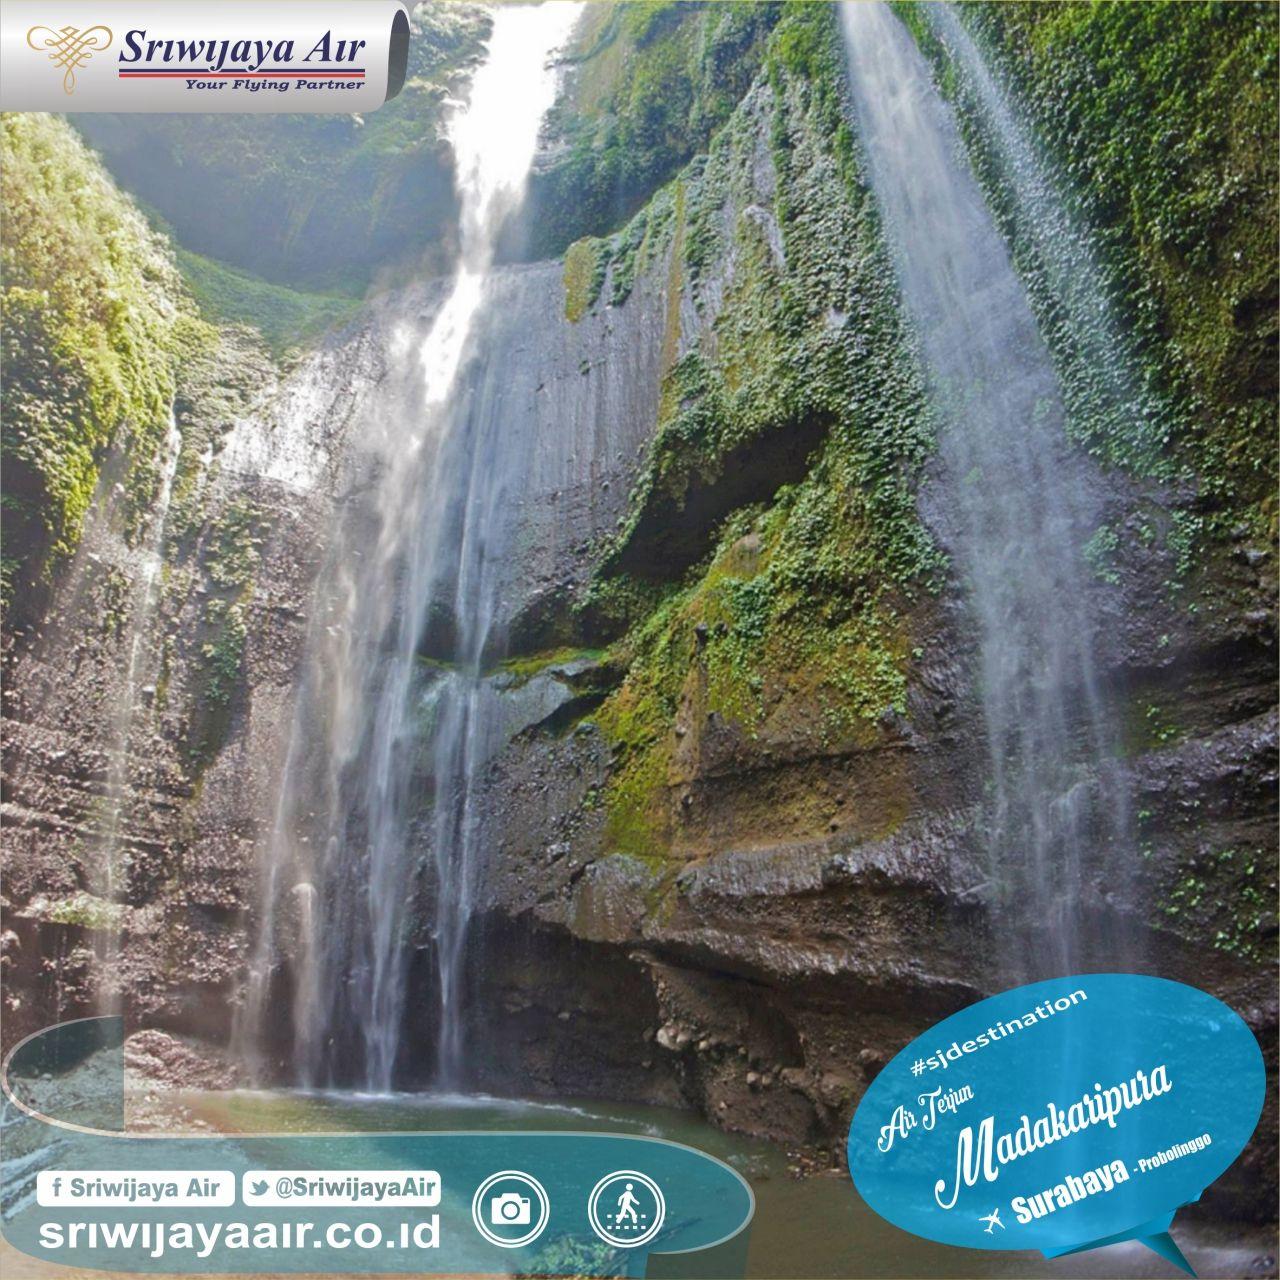 Saat Berkunjung Ke Gunung Bromo Air Terjun Madakaripura Menjadi Lokasi Yang Anda Patut Kunjungi Merupakan Air Terjun T Air Terjun Madakaripura Air Terjun Air